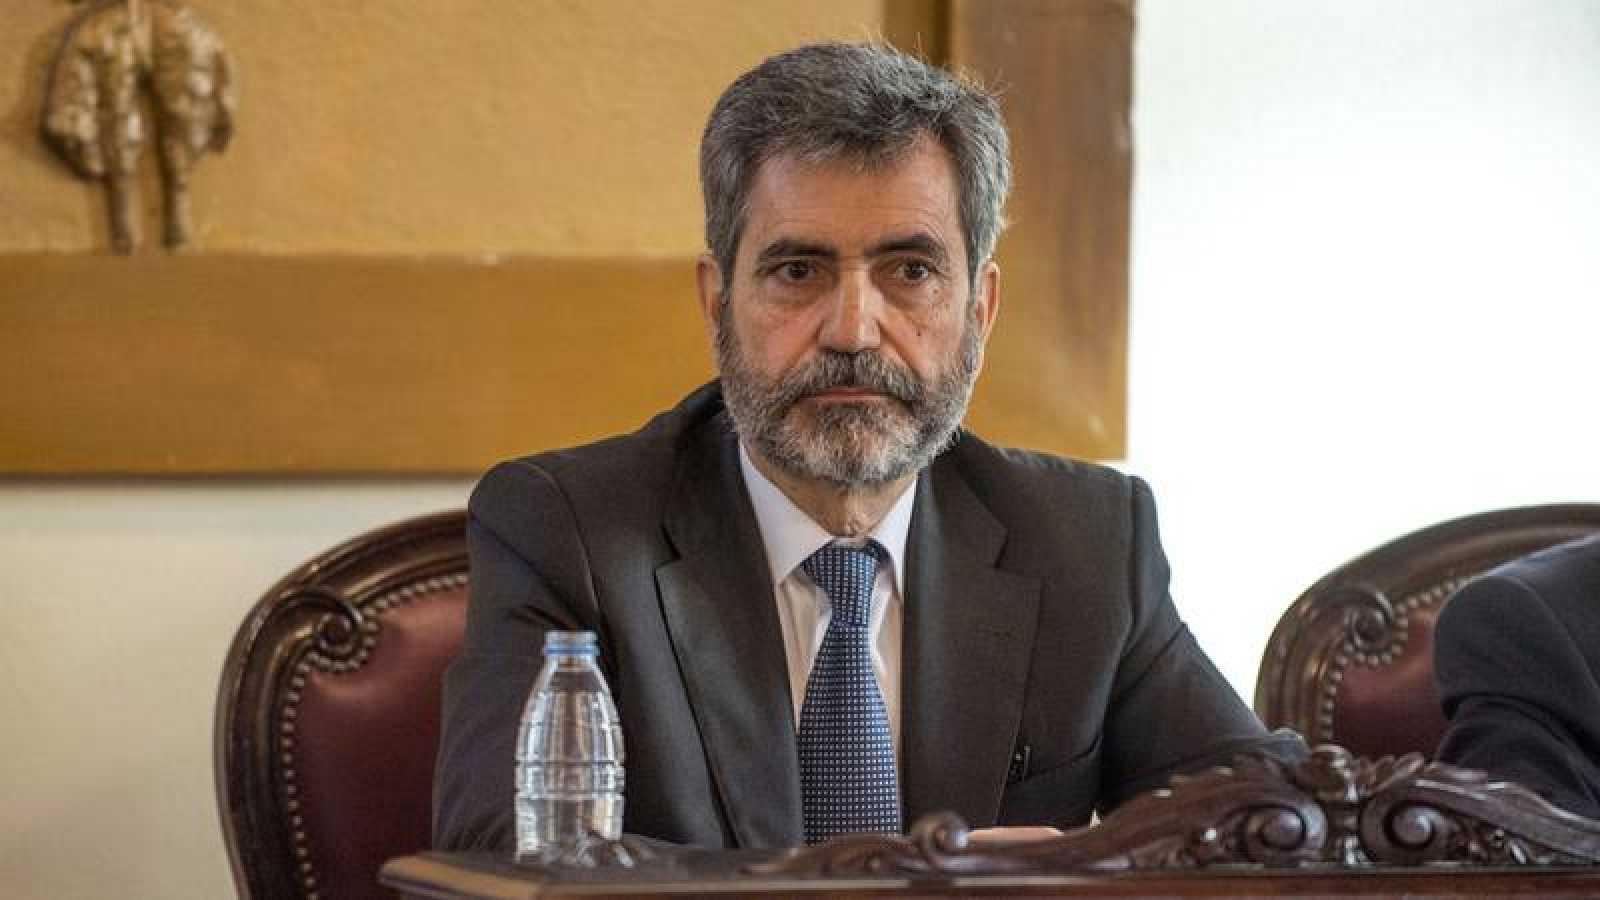 El presidente del Tribunal Supremo (TS) y del Consejo General del Poder Judicial (CGPJ), Carlos Lesmes